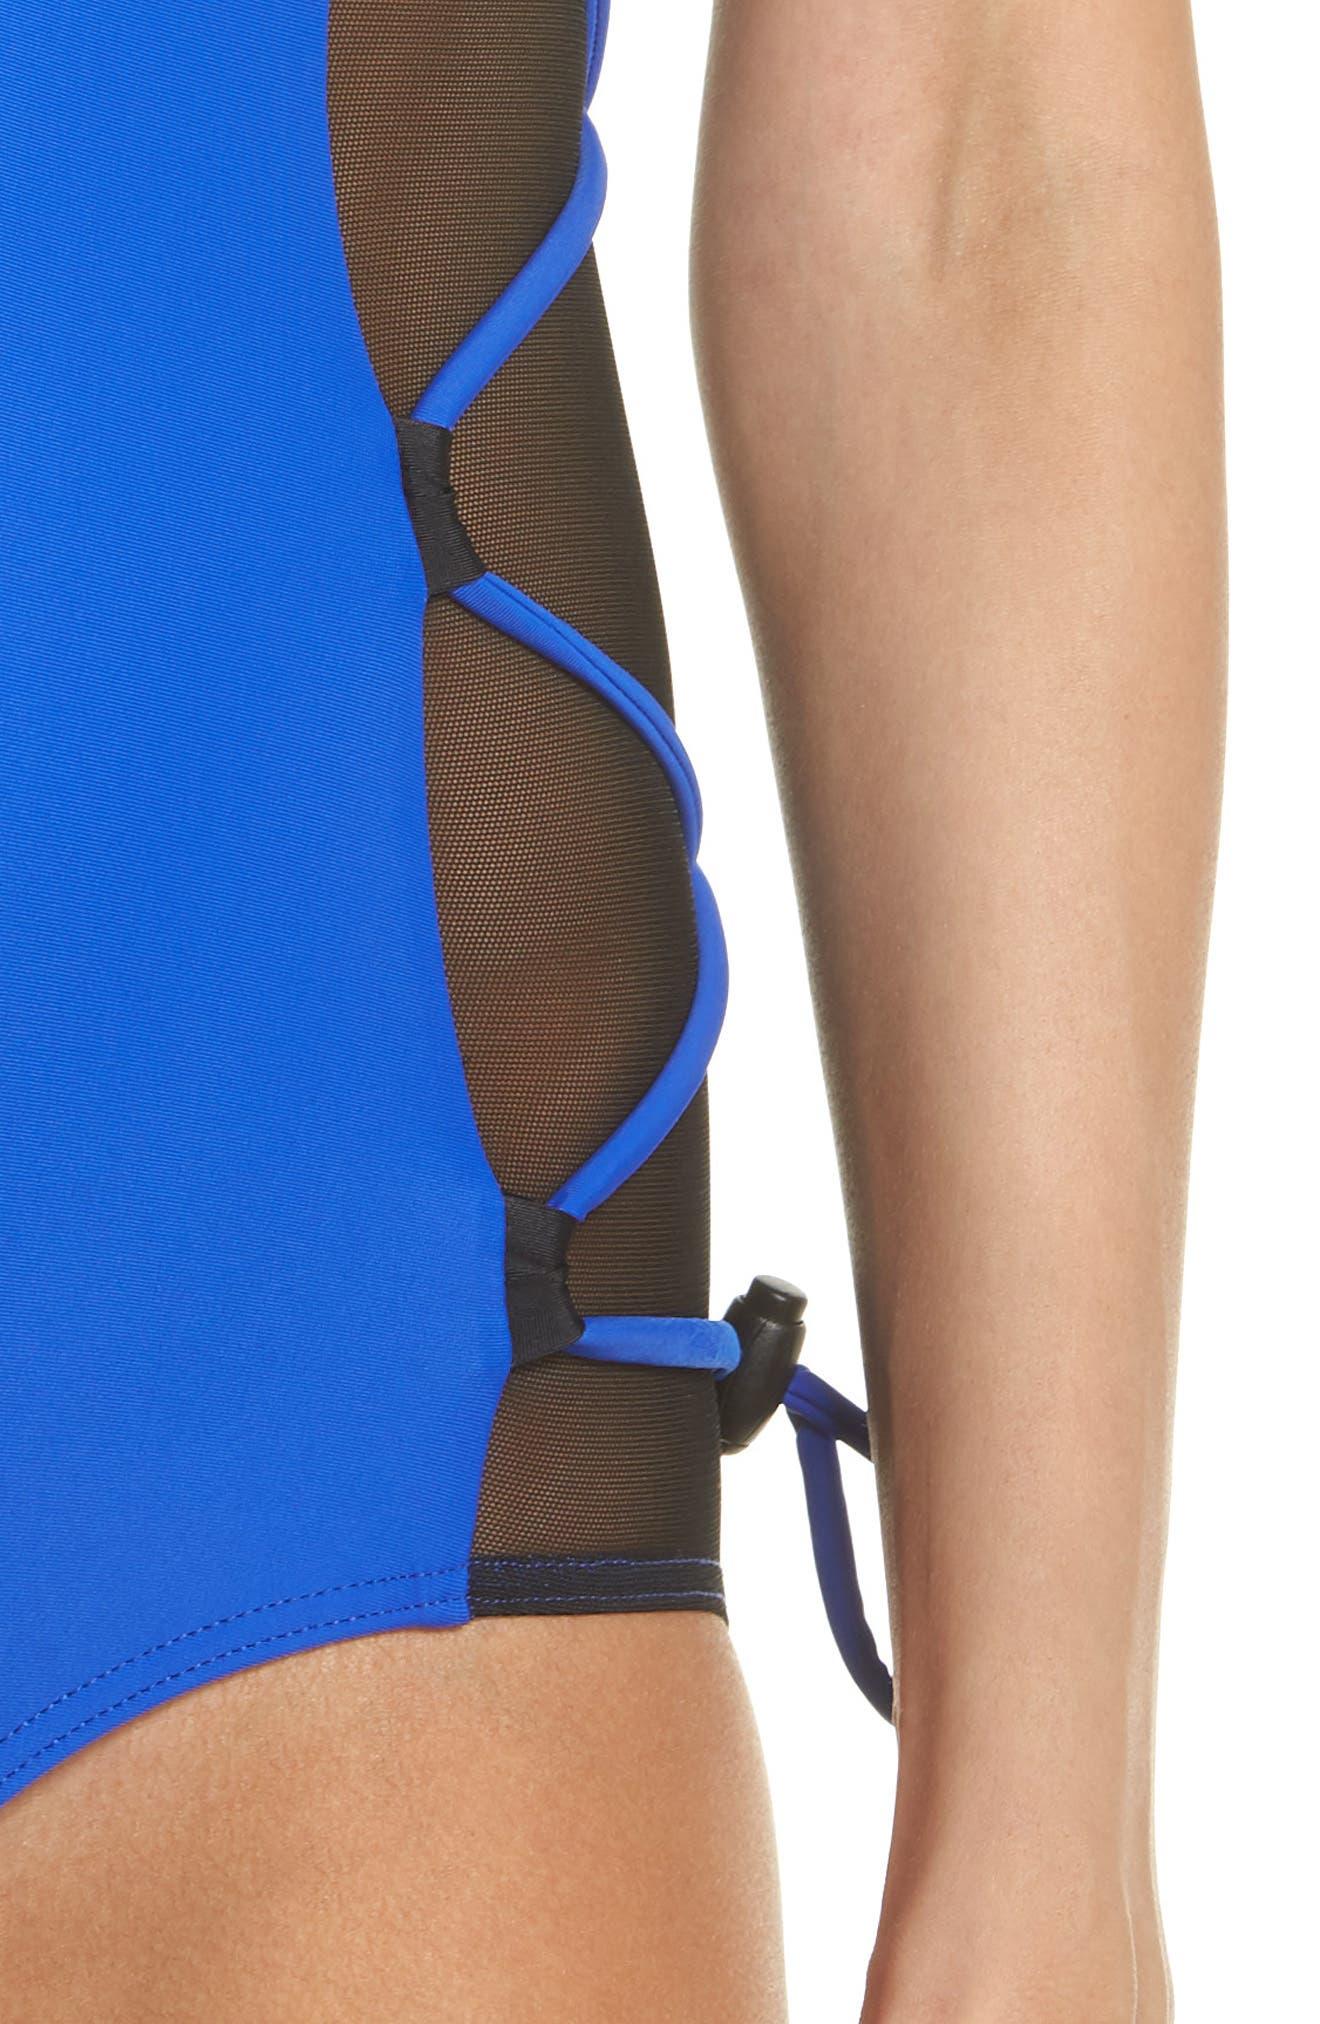 Launch One-Piece Swimsuit,                             Alternate thumbnail 4, color,                             BLUE/ BLACK